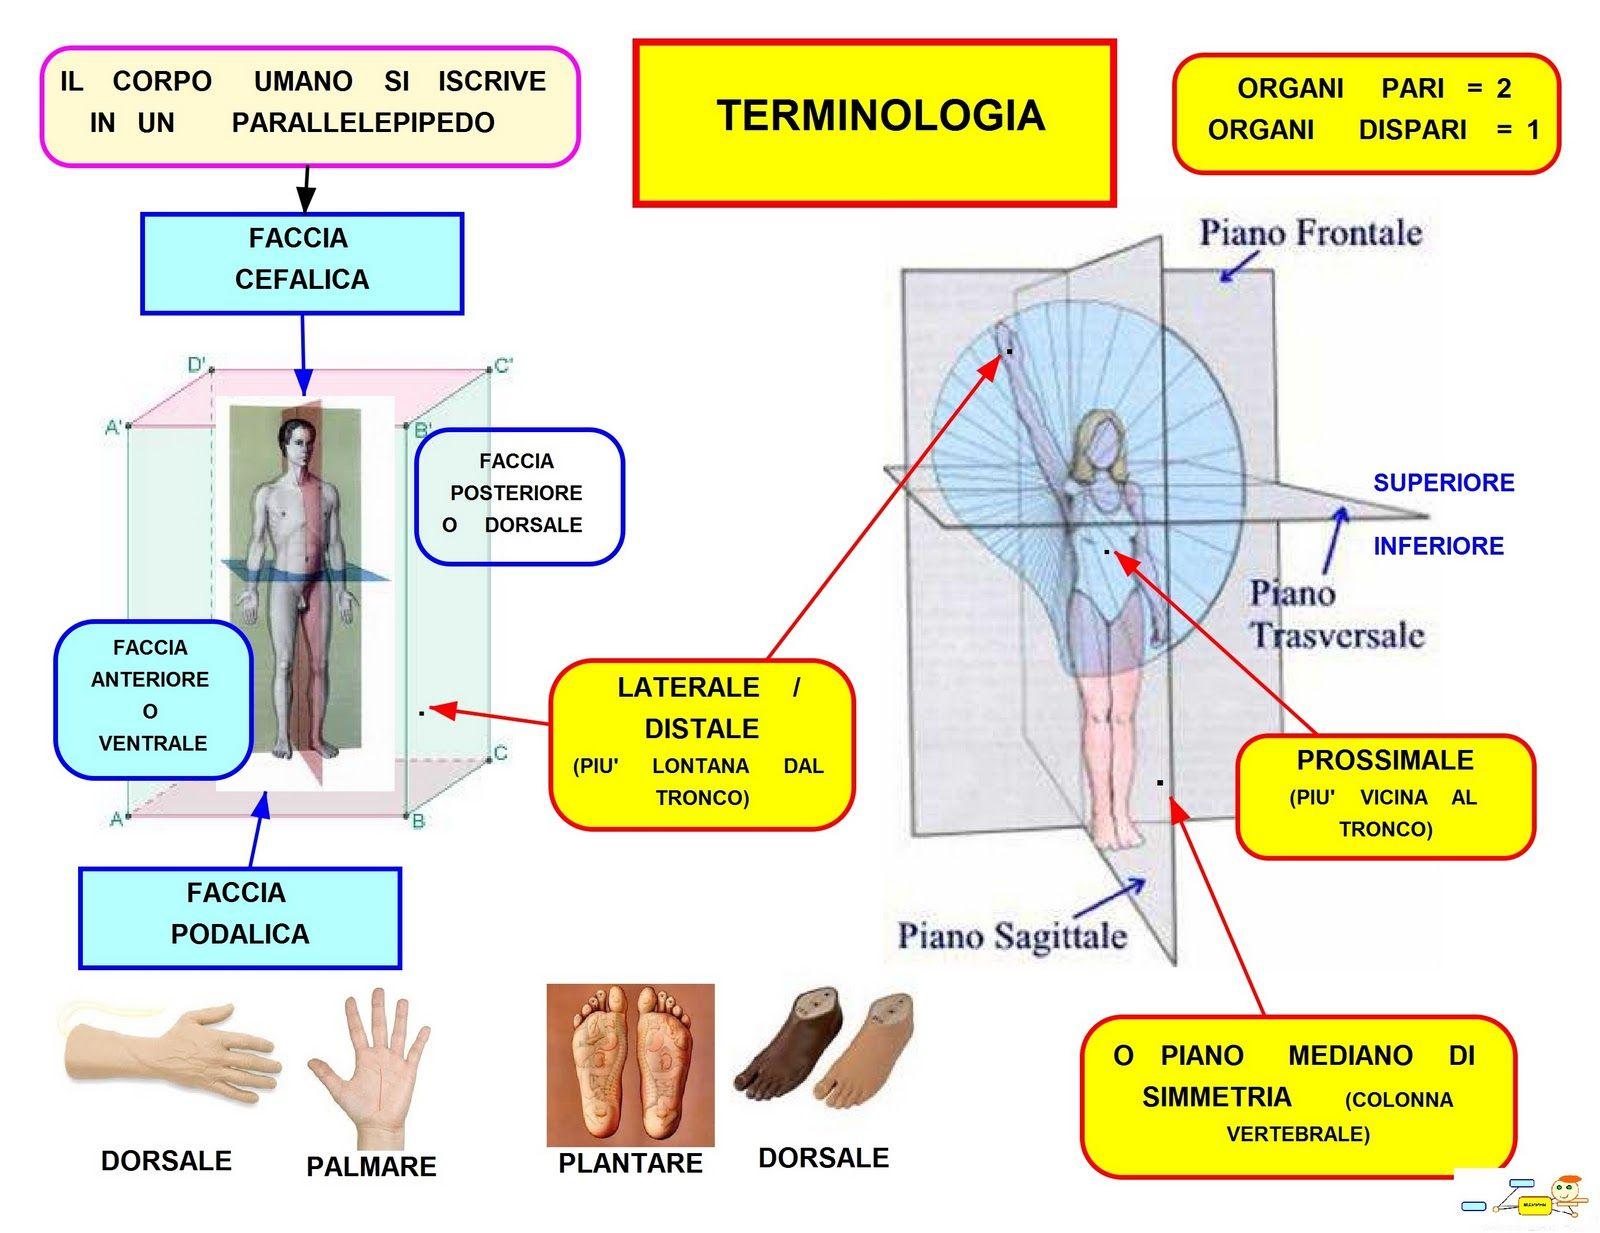 Amato Mappa Concettuale: Terminologia delle Parti del Corpo Umano  CA03